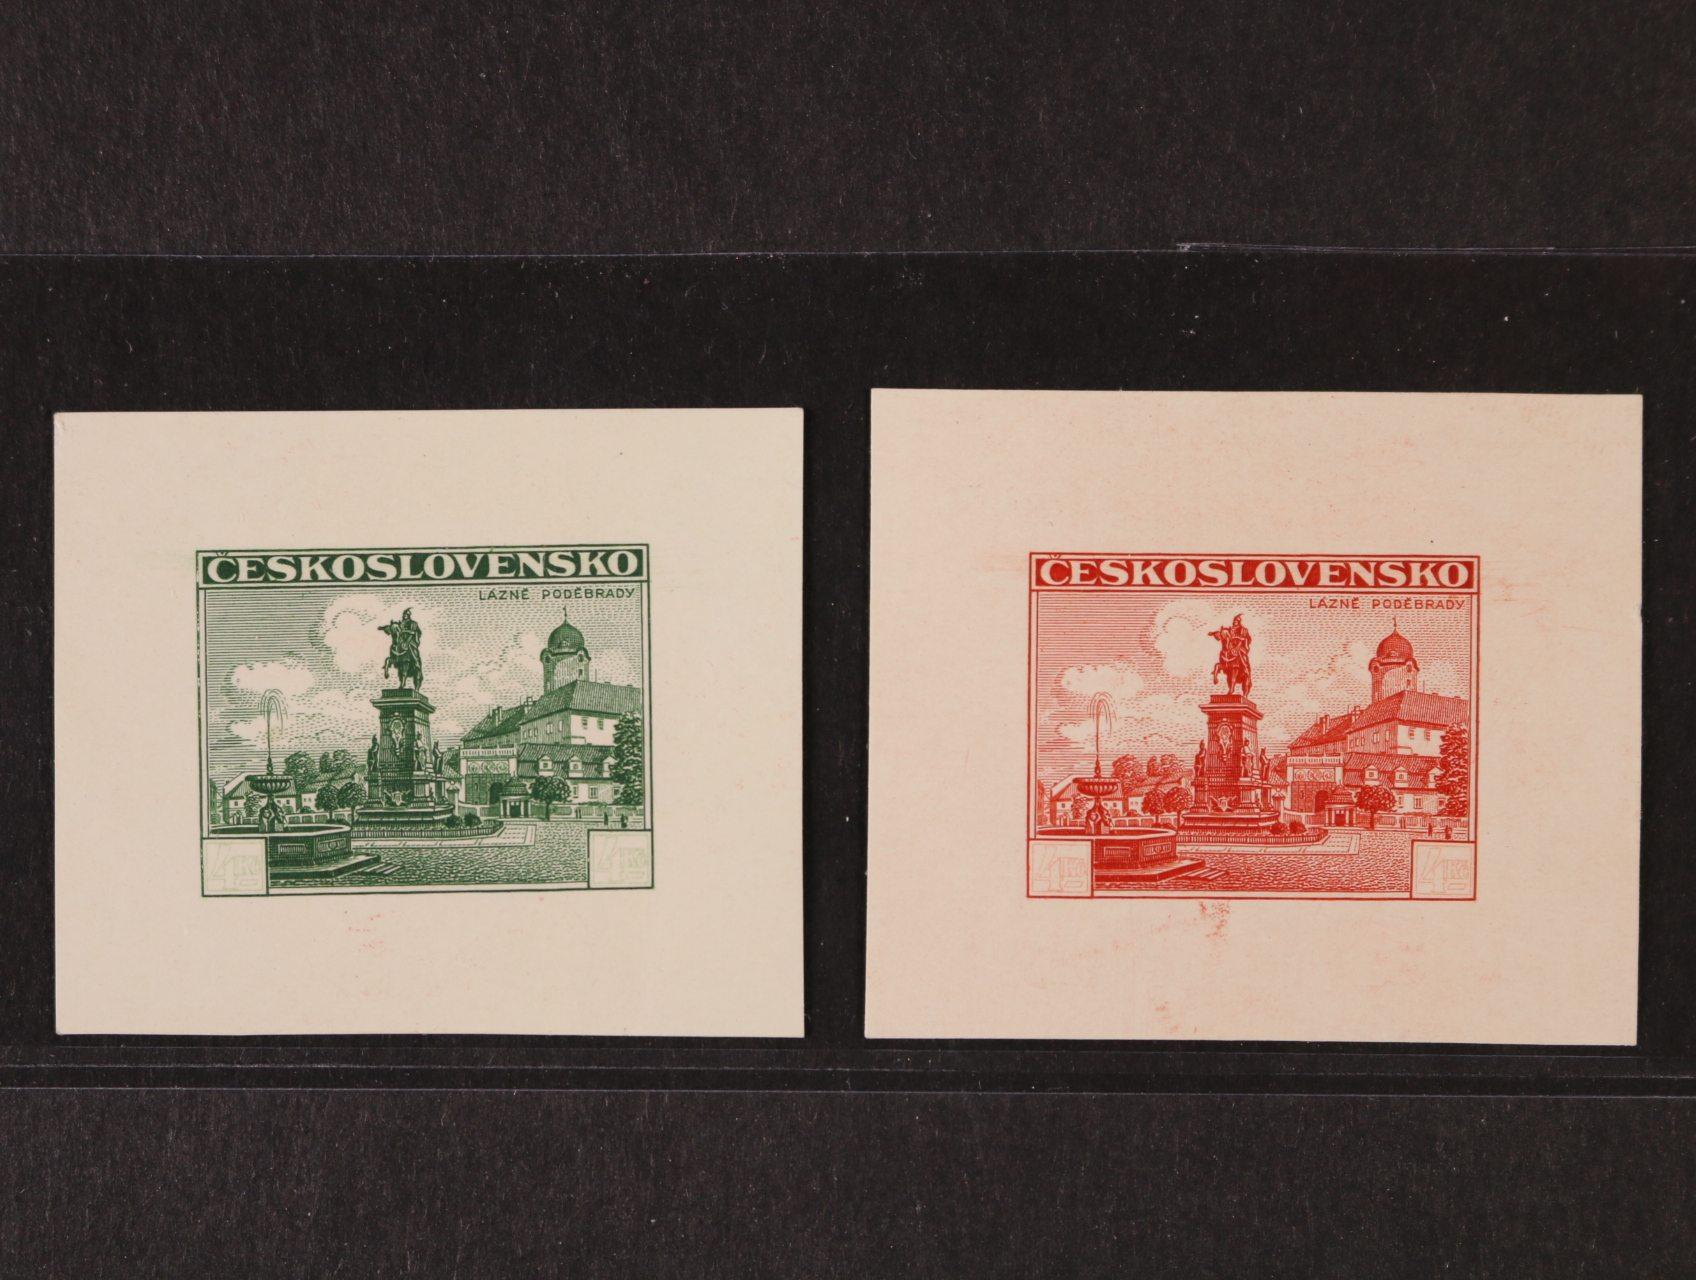 ZT Pof.311, 2x Poděbrady 4Kč, otisky rytiny se slabě prorytými hodnotovými štítky, na lístcích papíru 50x40mm